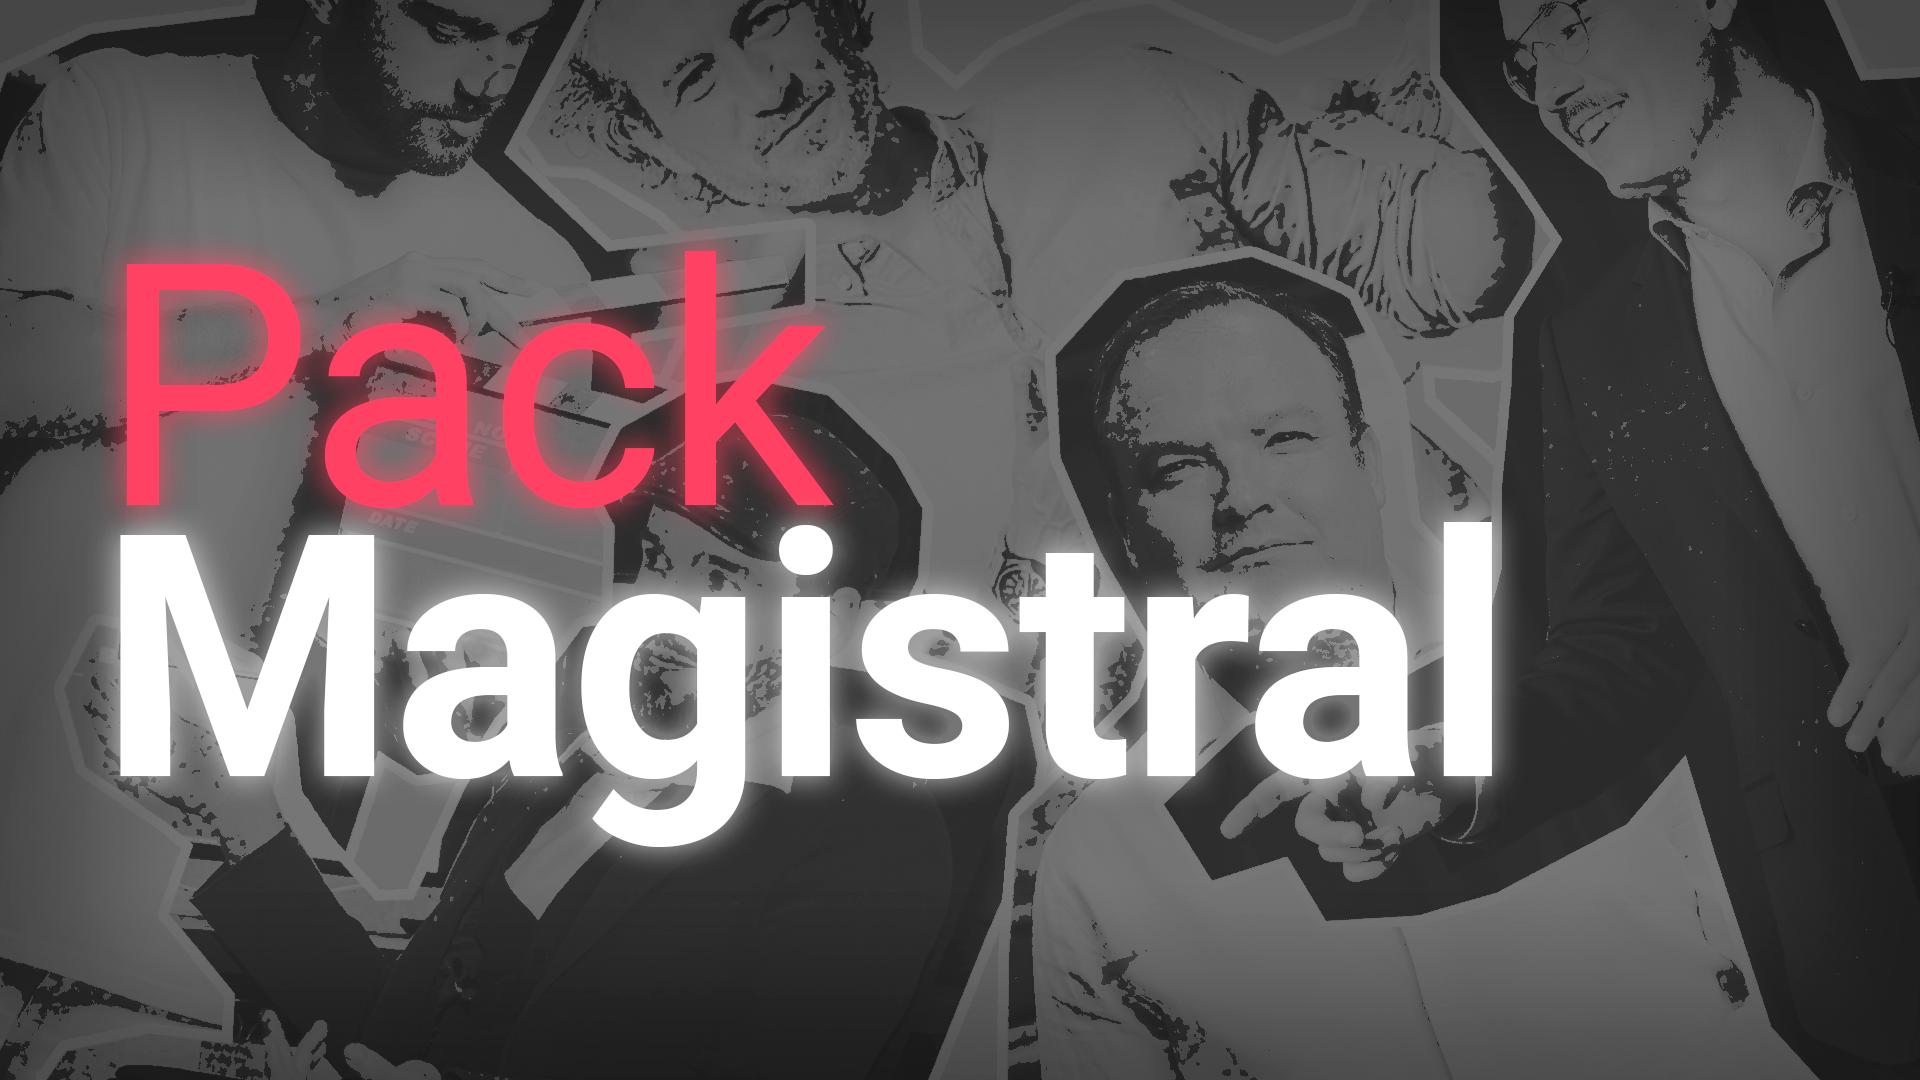 Pack Magistral: todos los cursos de negocios y habilidades directivas online.